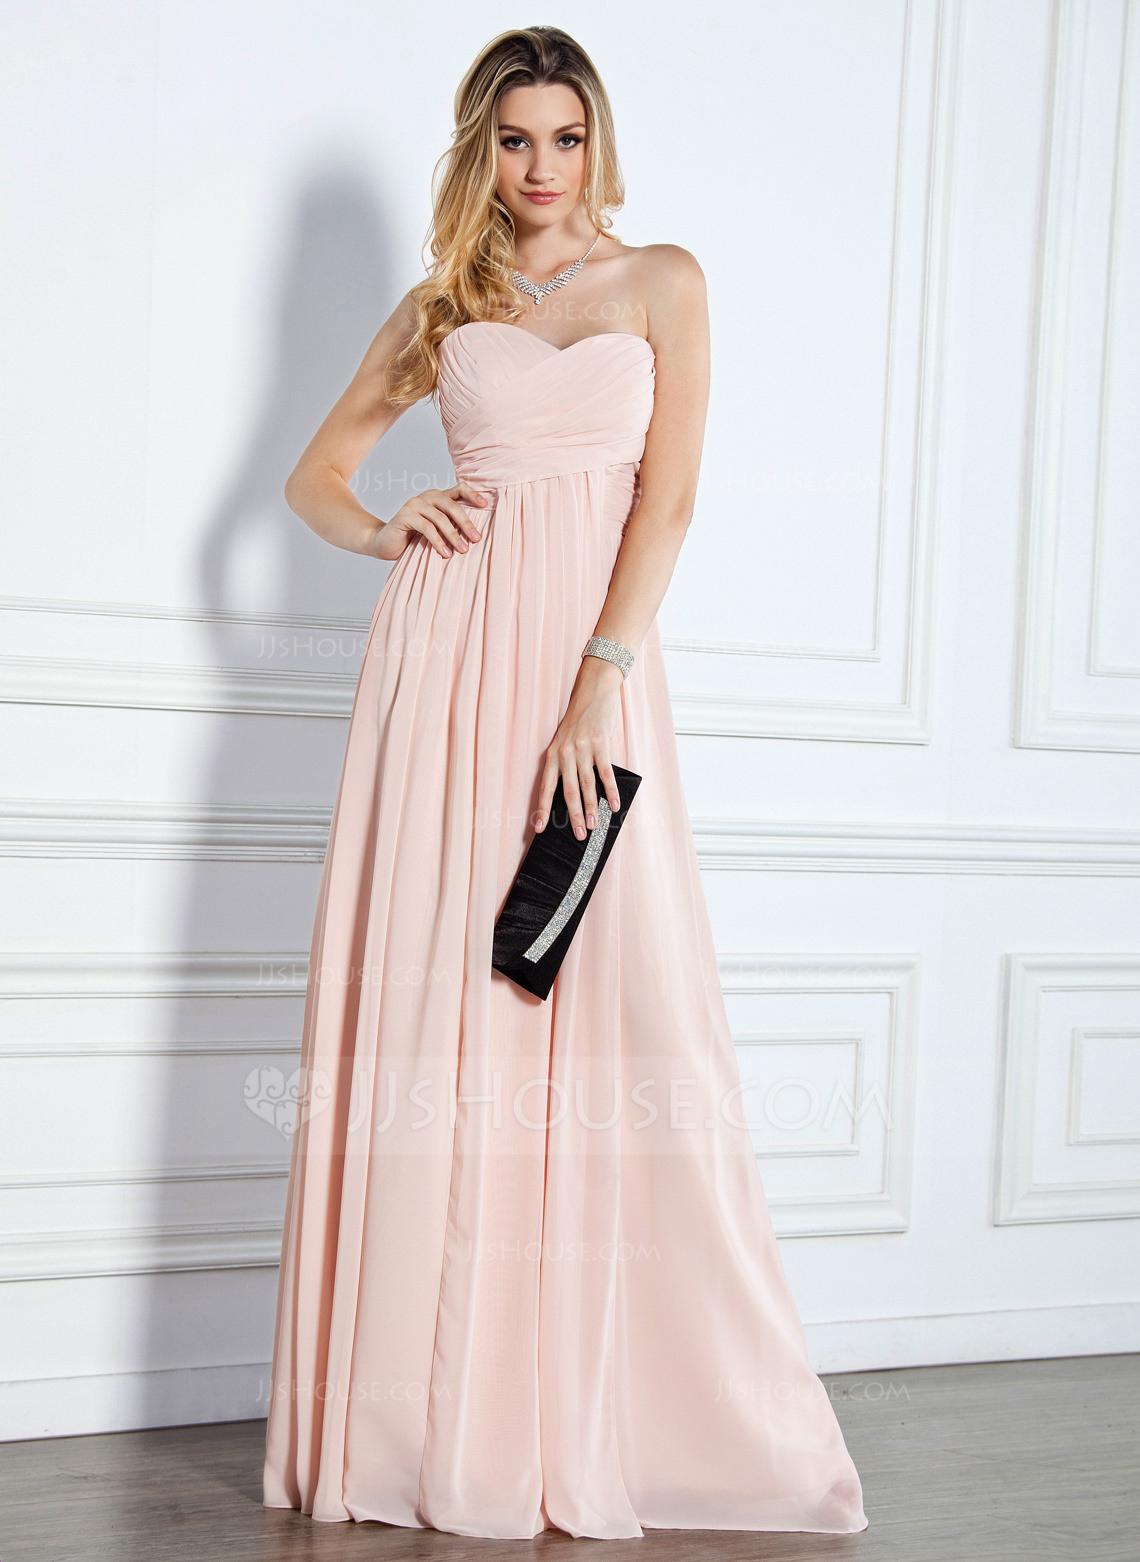 Abend Schön Abendkleid Bodenlang SpezialgebietAbend Erstaunlich Abendkleid Bodenlang Boutique